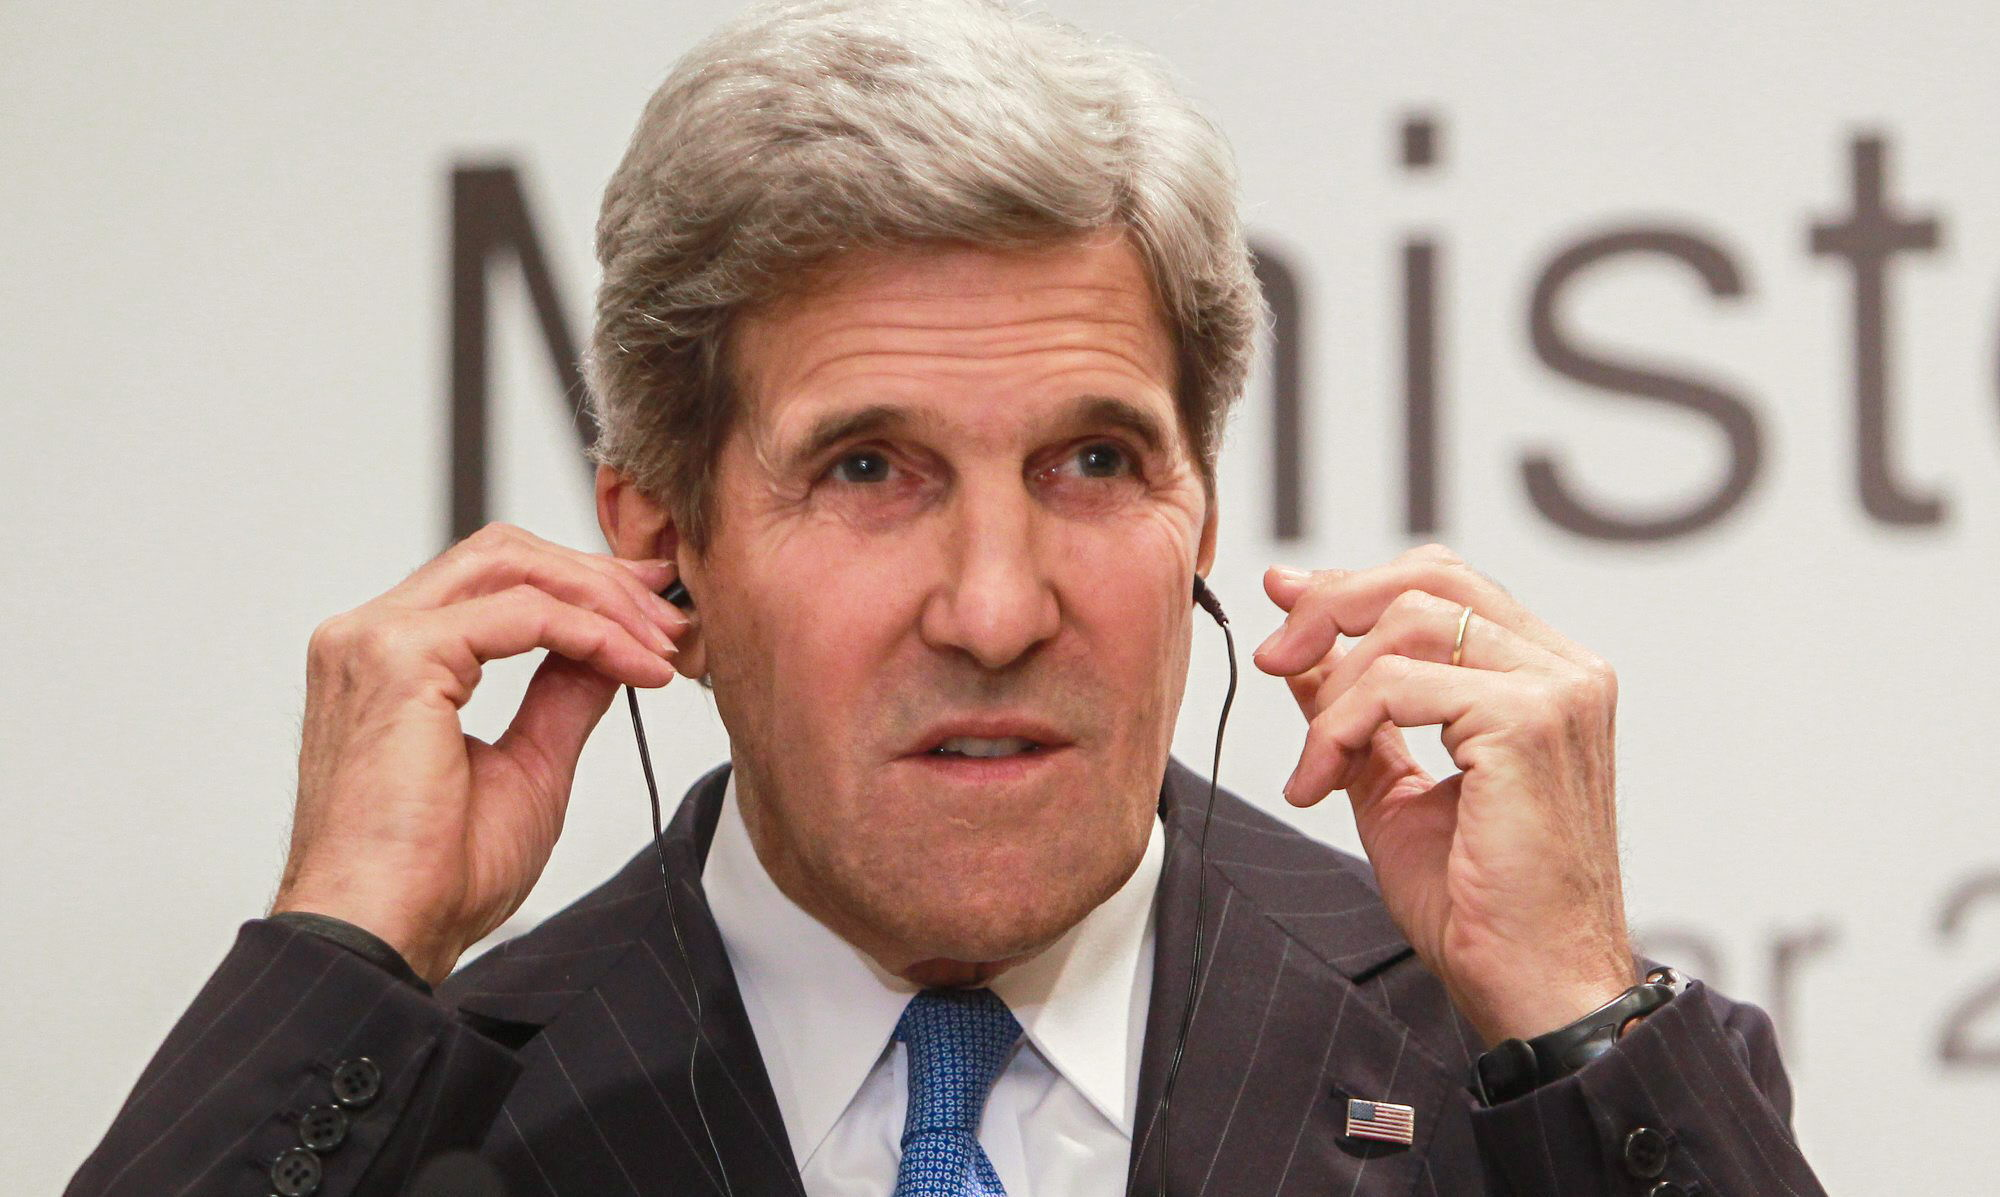 EEUU espió a 38 embajadas y misiones de la UE, y aliados como Japón y Turquía